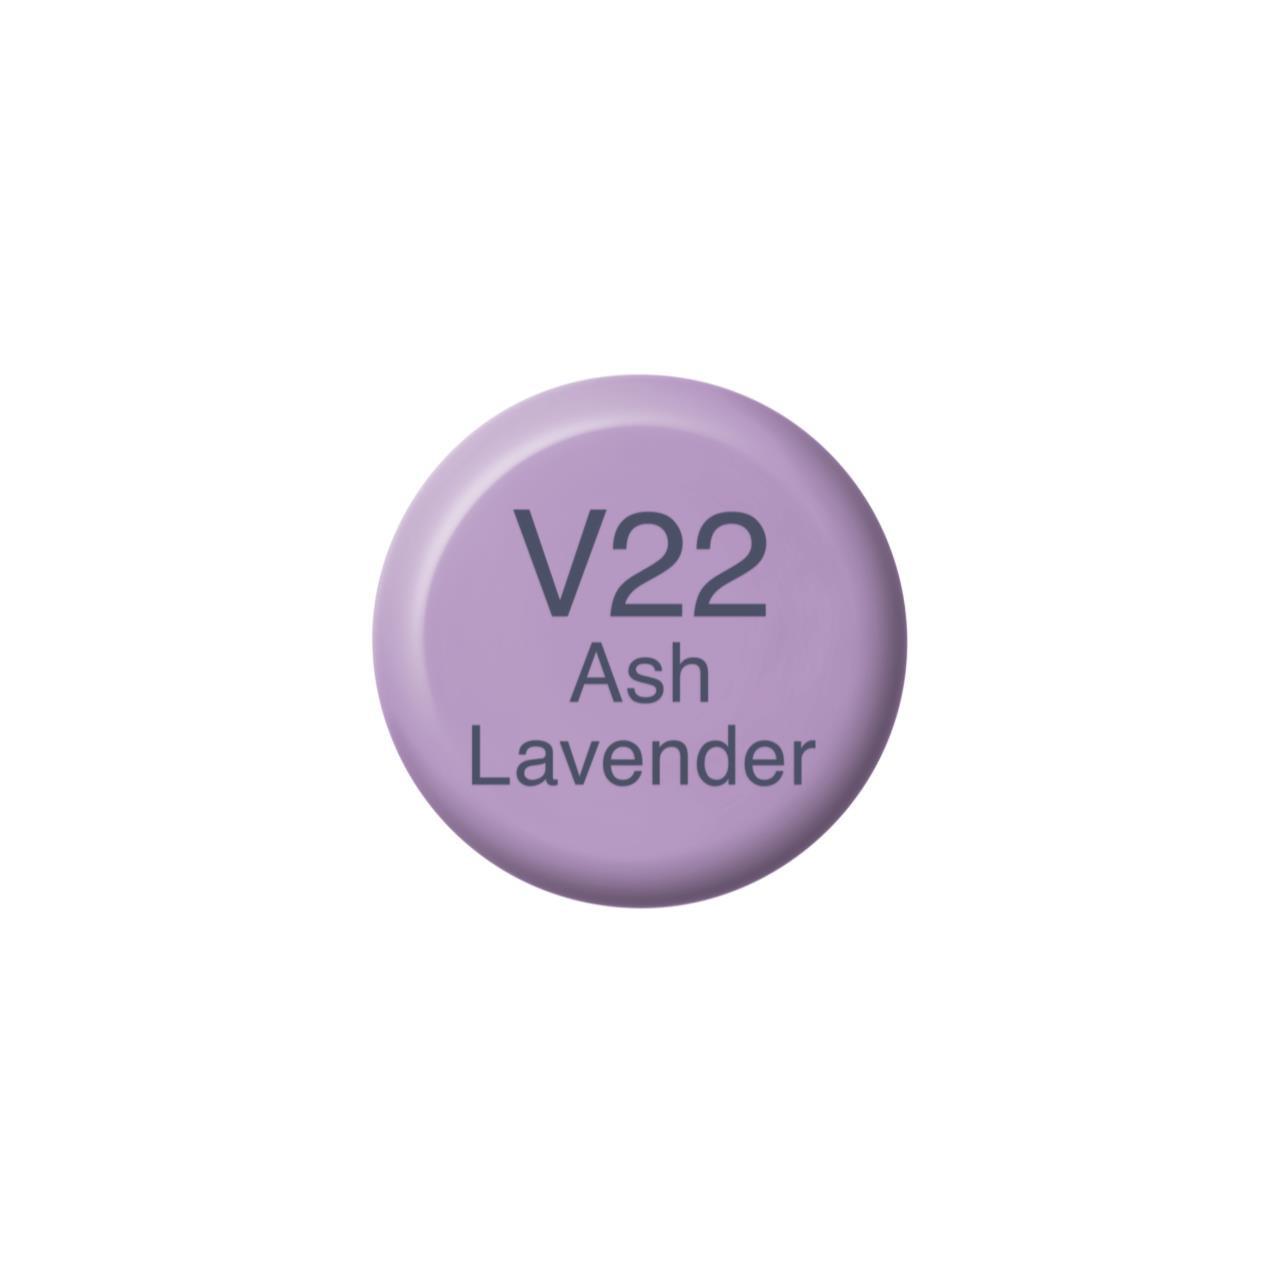 V22 Ash Lavender, Copic Ink - 4511338058060